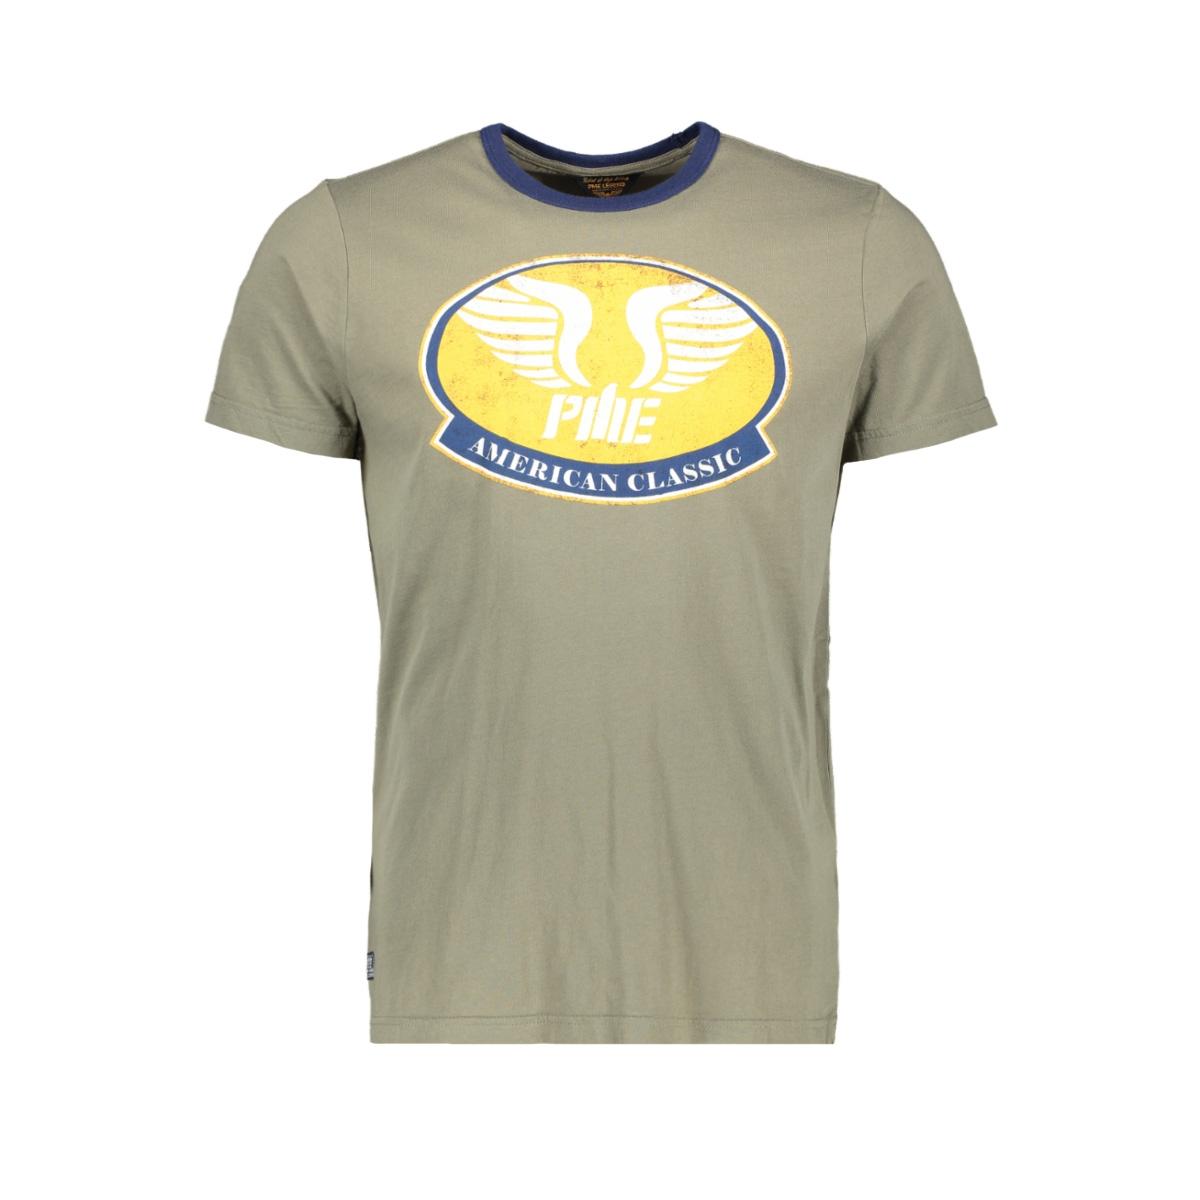 short sleeve shirt ptss193522 pme legend t-shirt 6414